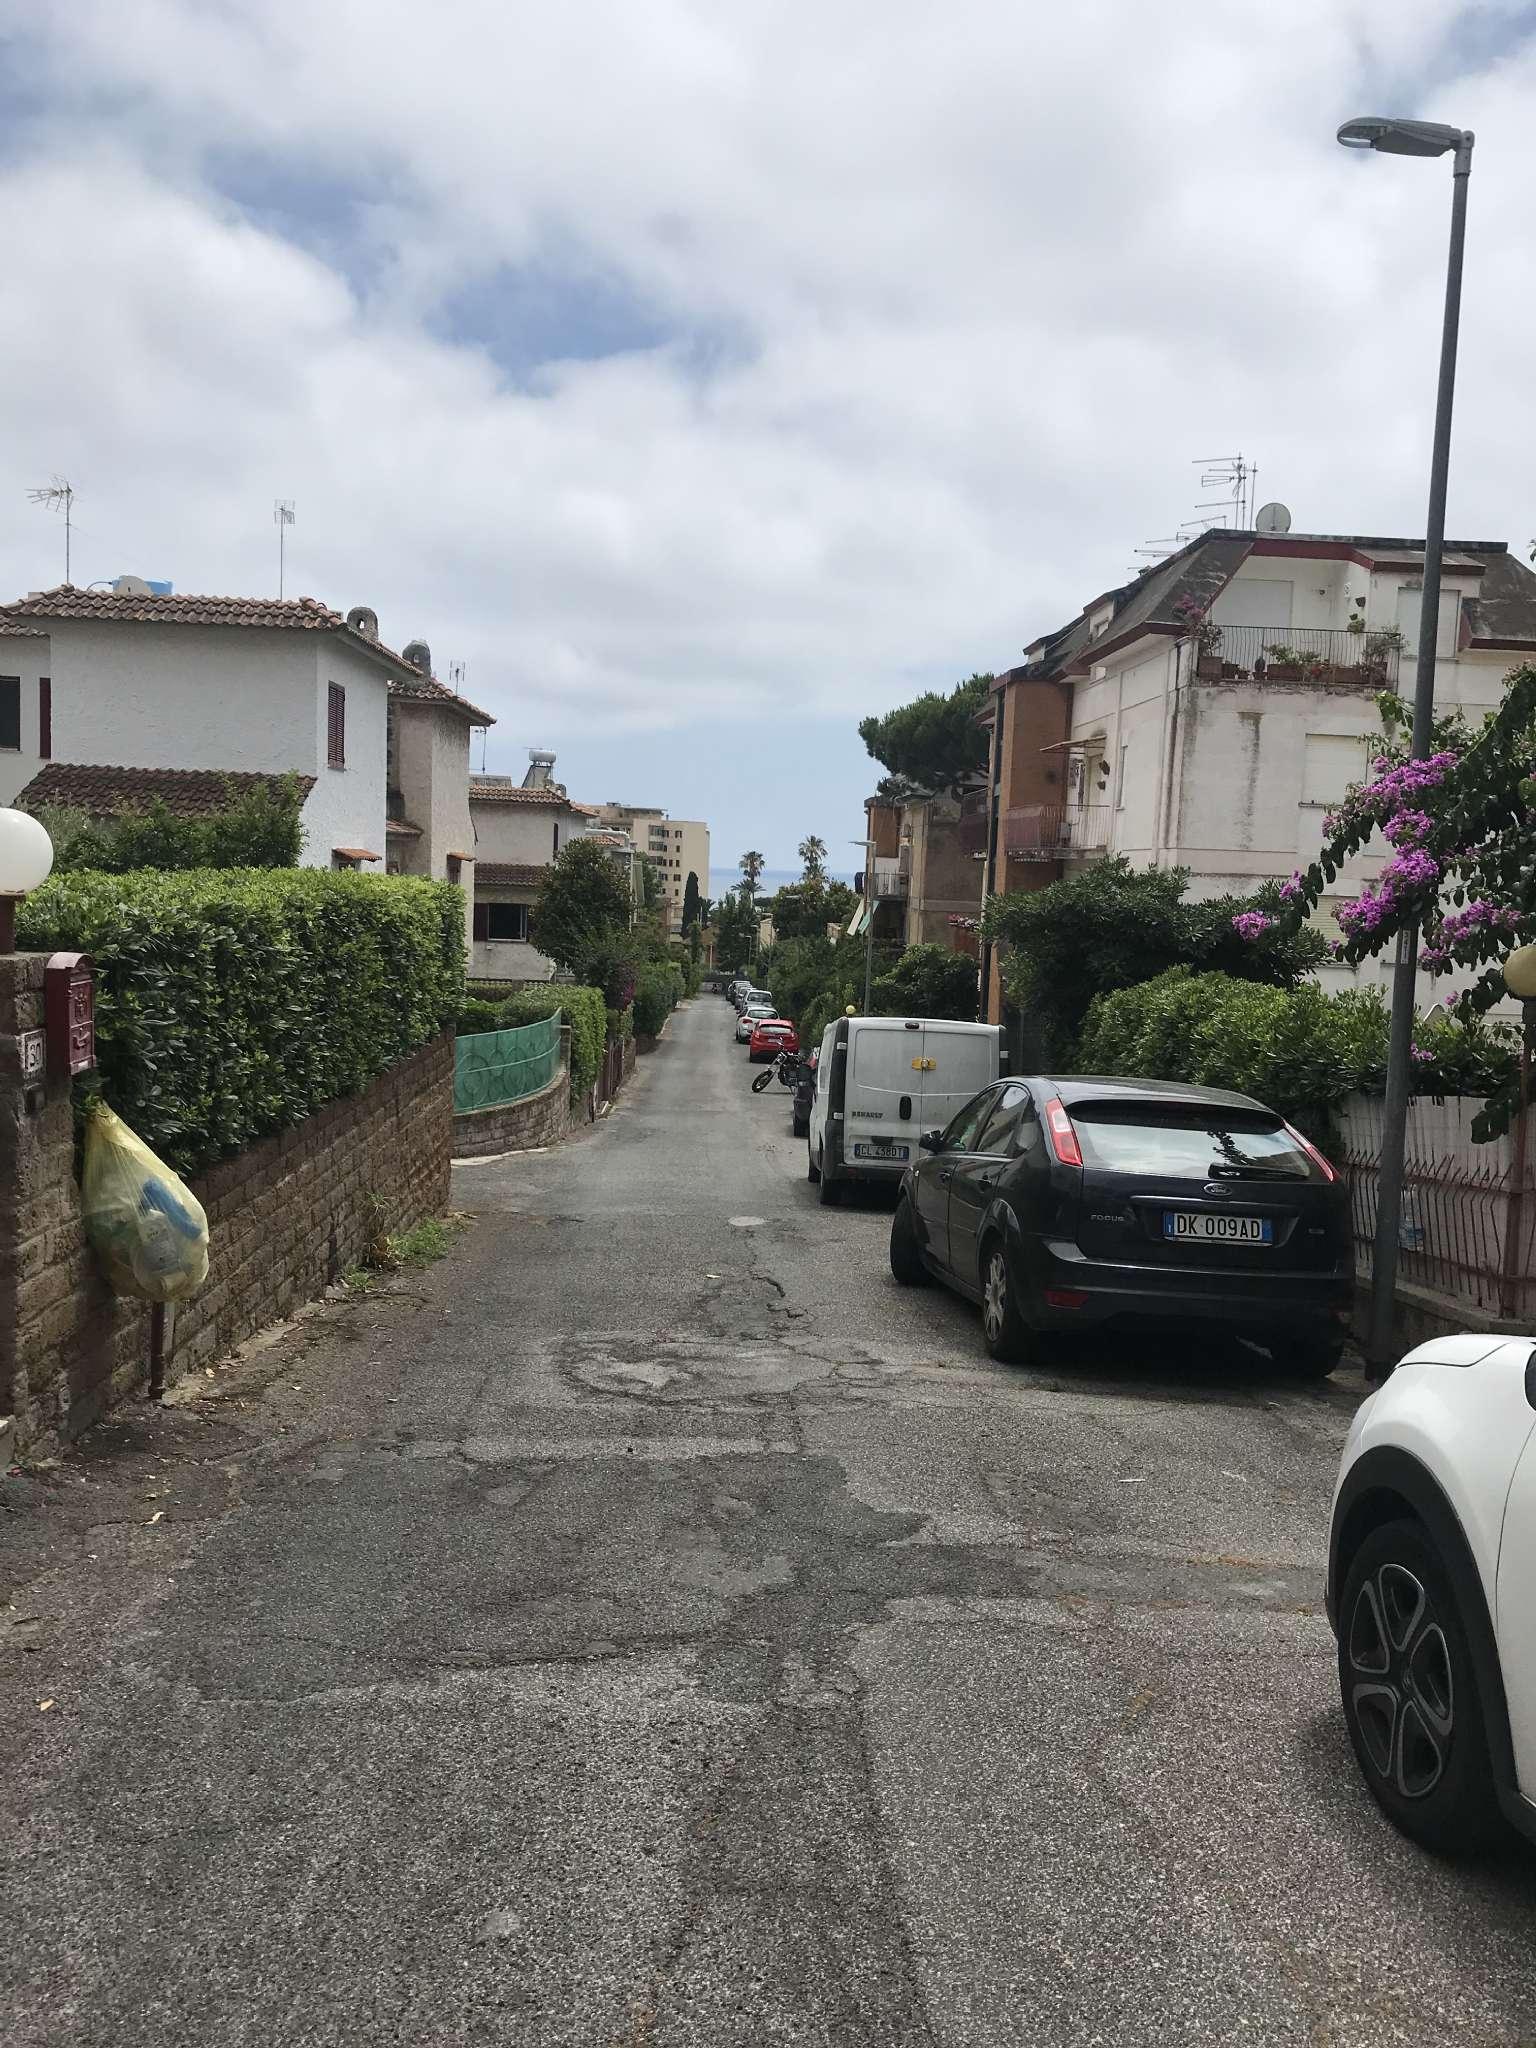 Appartamento in vendita a Santa Marinella, 3 locali, prezzo € 125.000 | CambioCasa.it